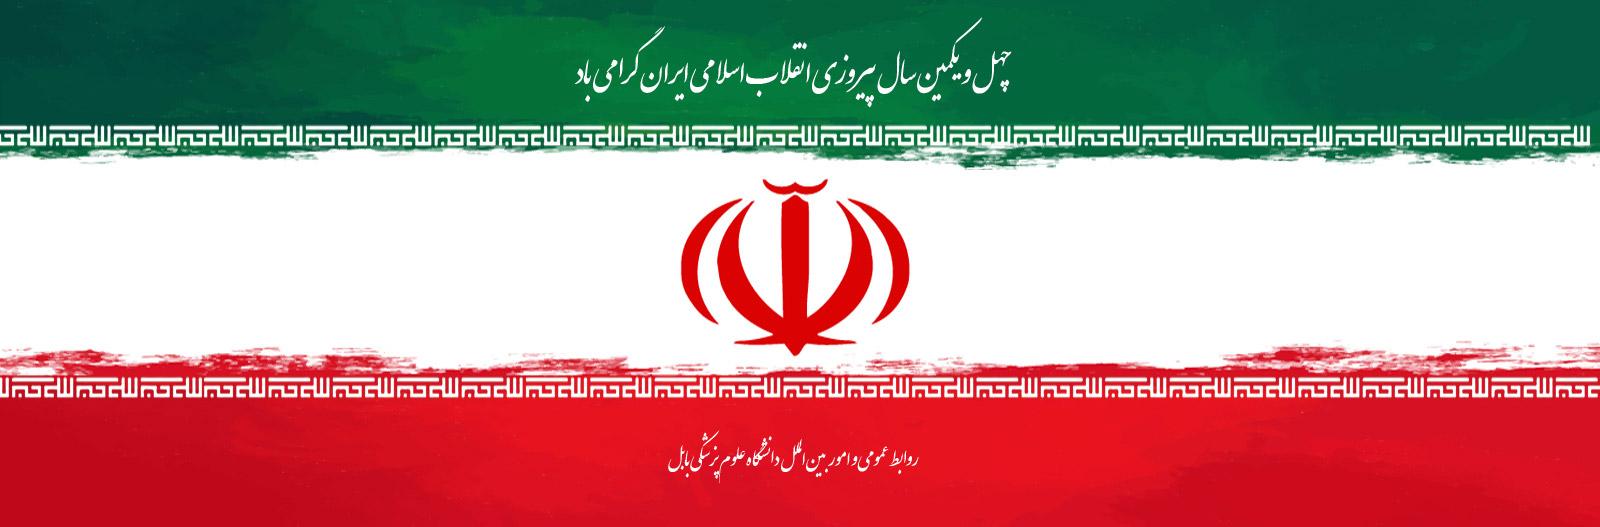 چهل و یکمین سال پیروزی انقلاب اسلامی ایران گرامی باد